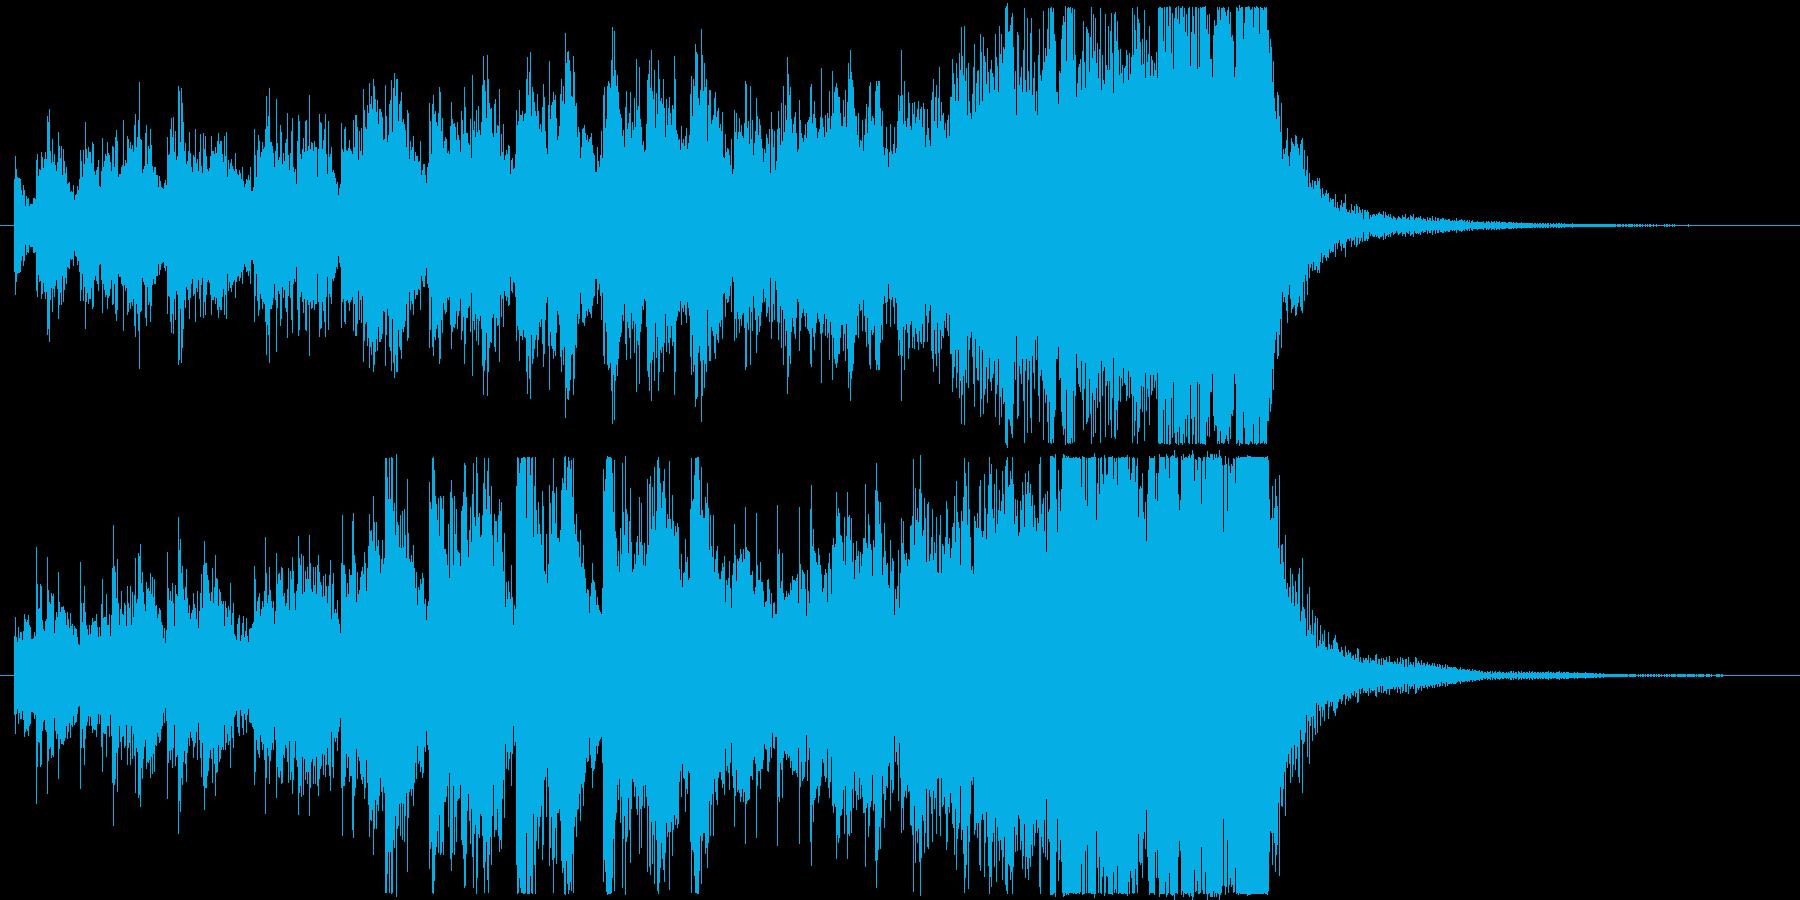 ピンチな木琴オーケストラ/ジングルの再生済みの波形